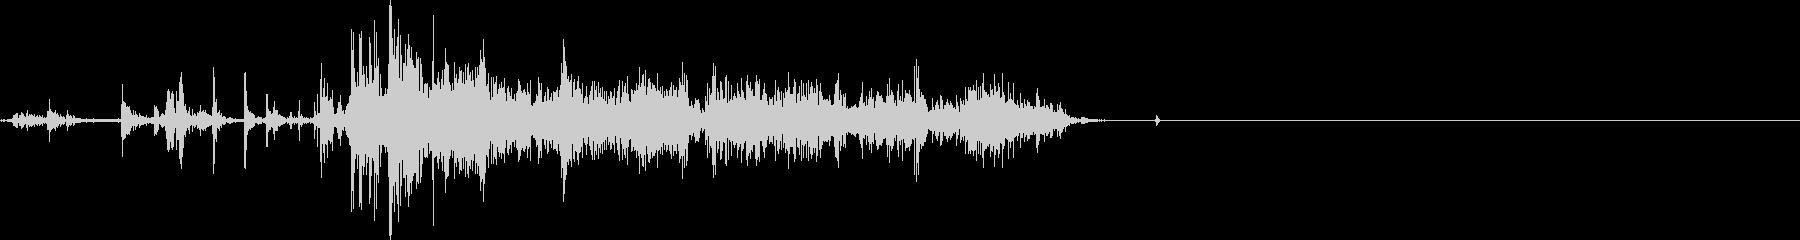 ペーパーリップショートハードリップの未再生の波形